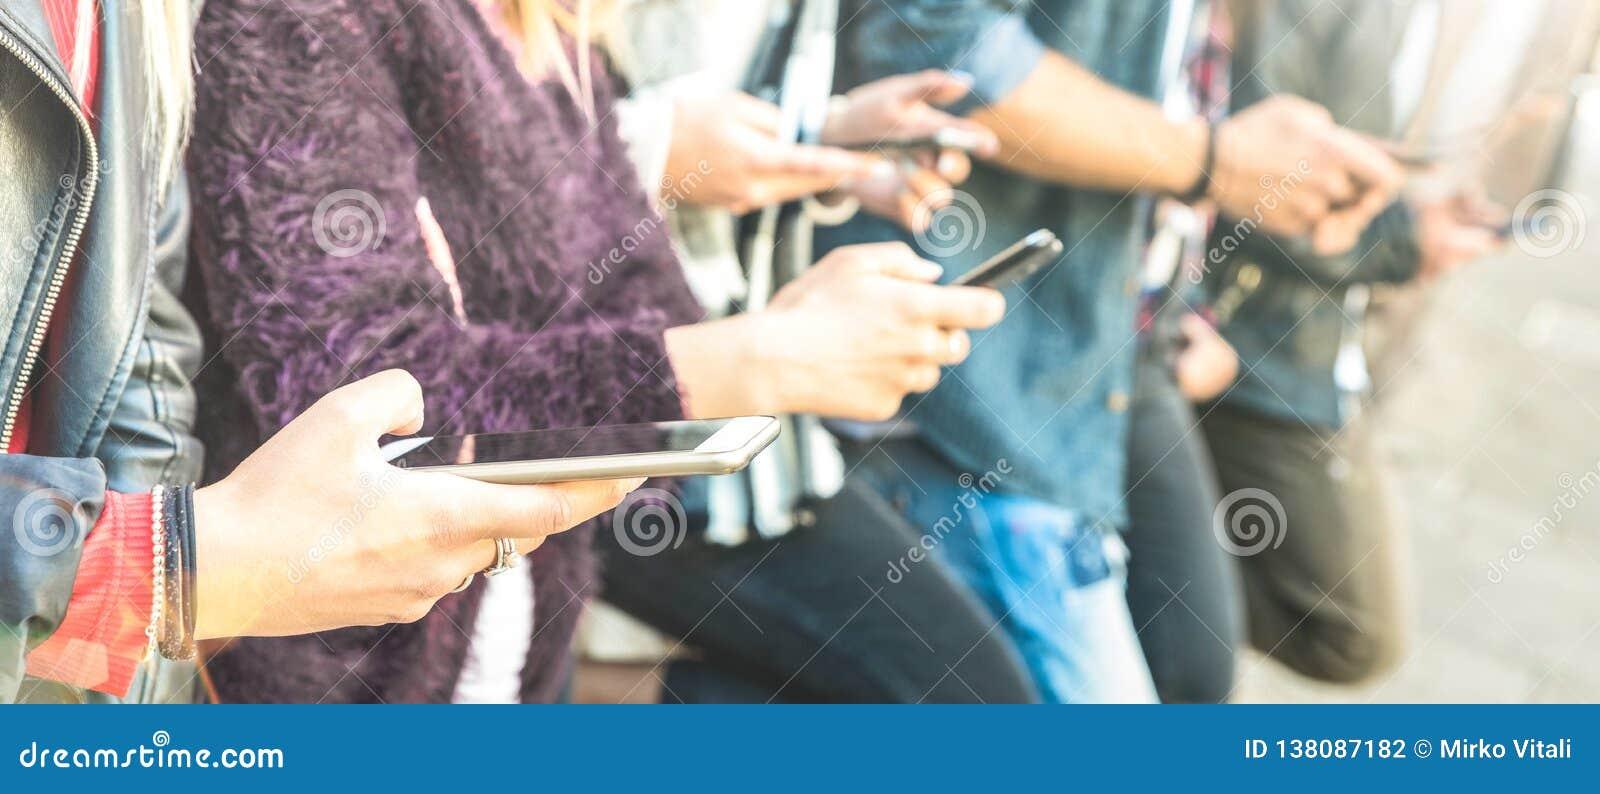 Gruppo multiculturale degli amici facendo uso dello smartphone alla rottura del cortile dell università - mani della gente dedica